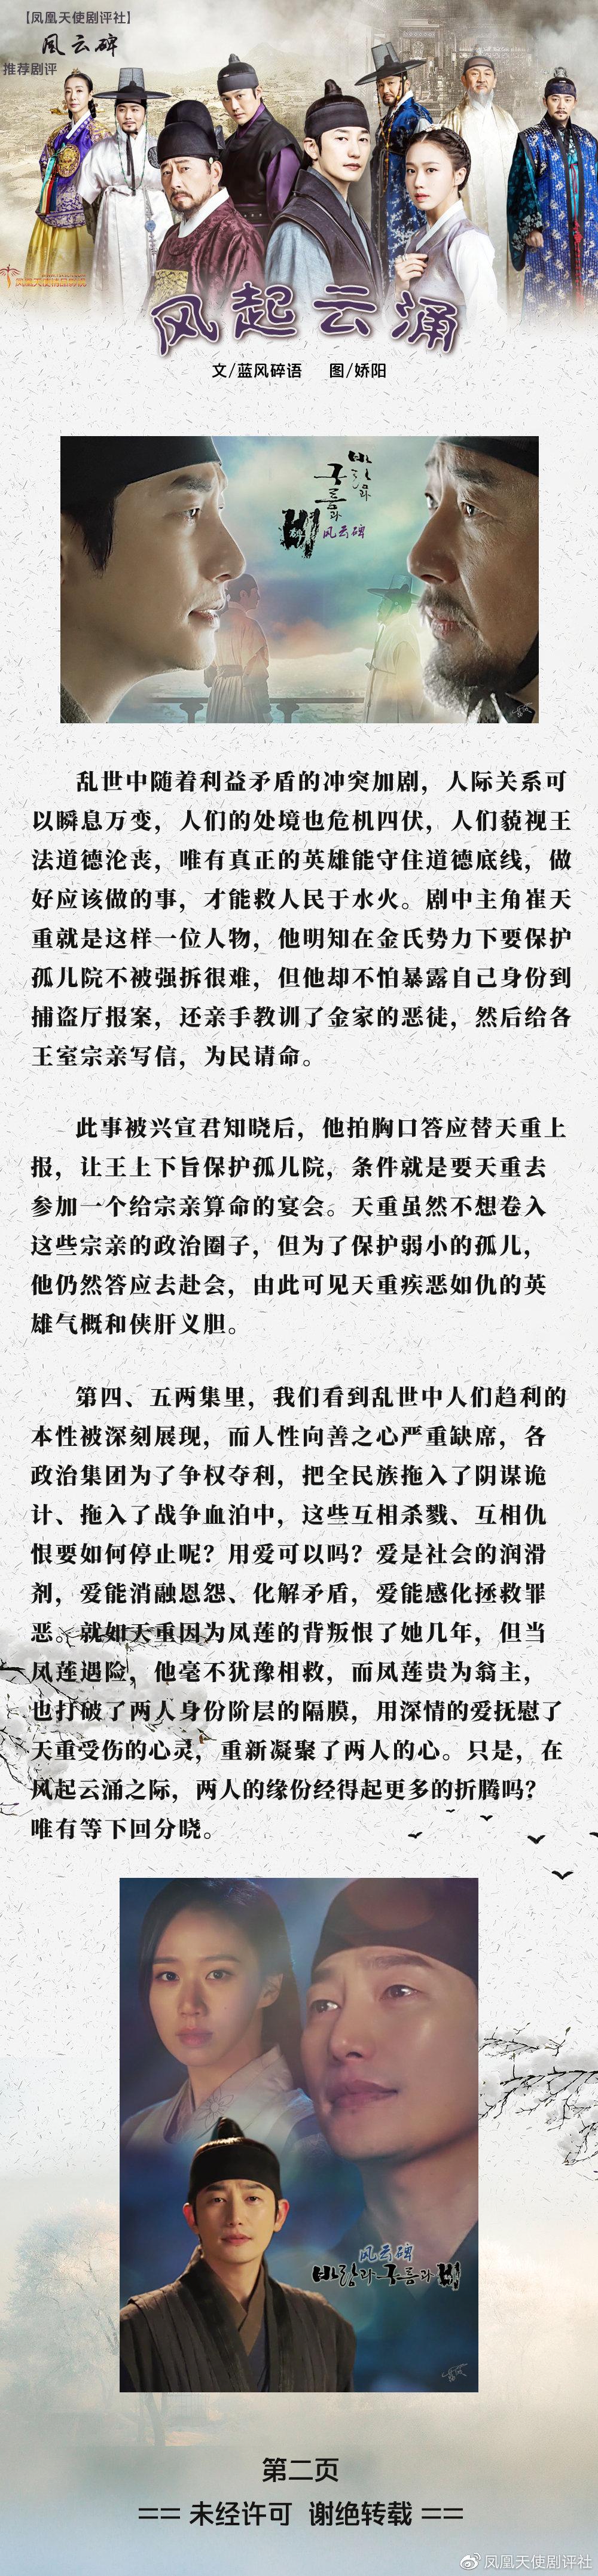 【凤凰天使剧评社】【风云碑】随感剧评